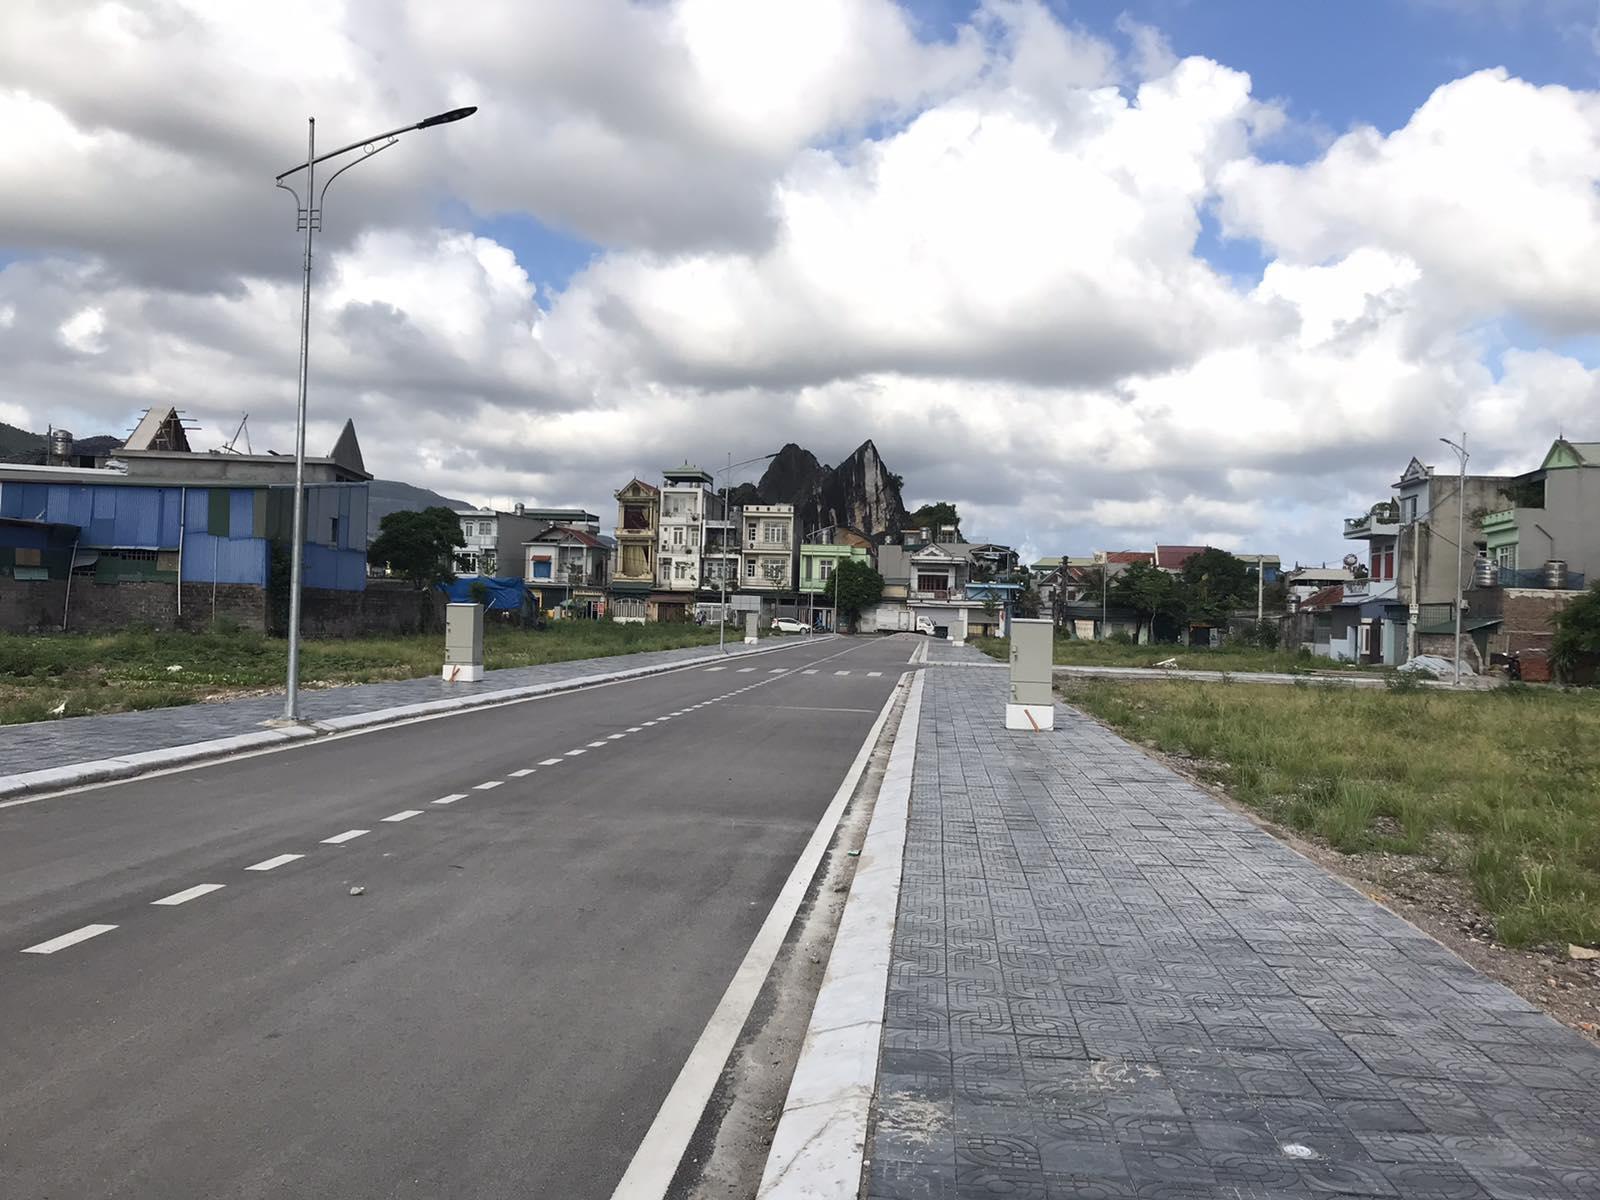 tiến độ xây dựng khu dân cư cẩm thạch